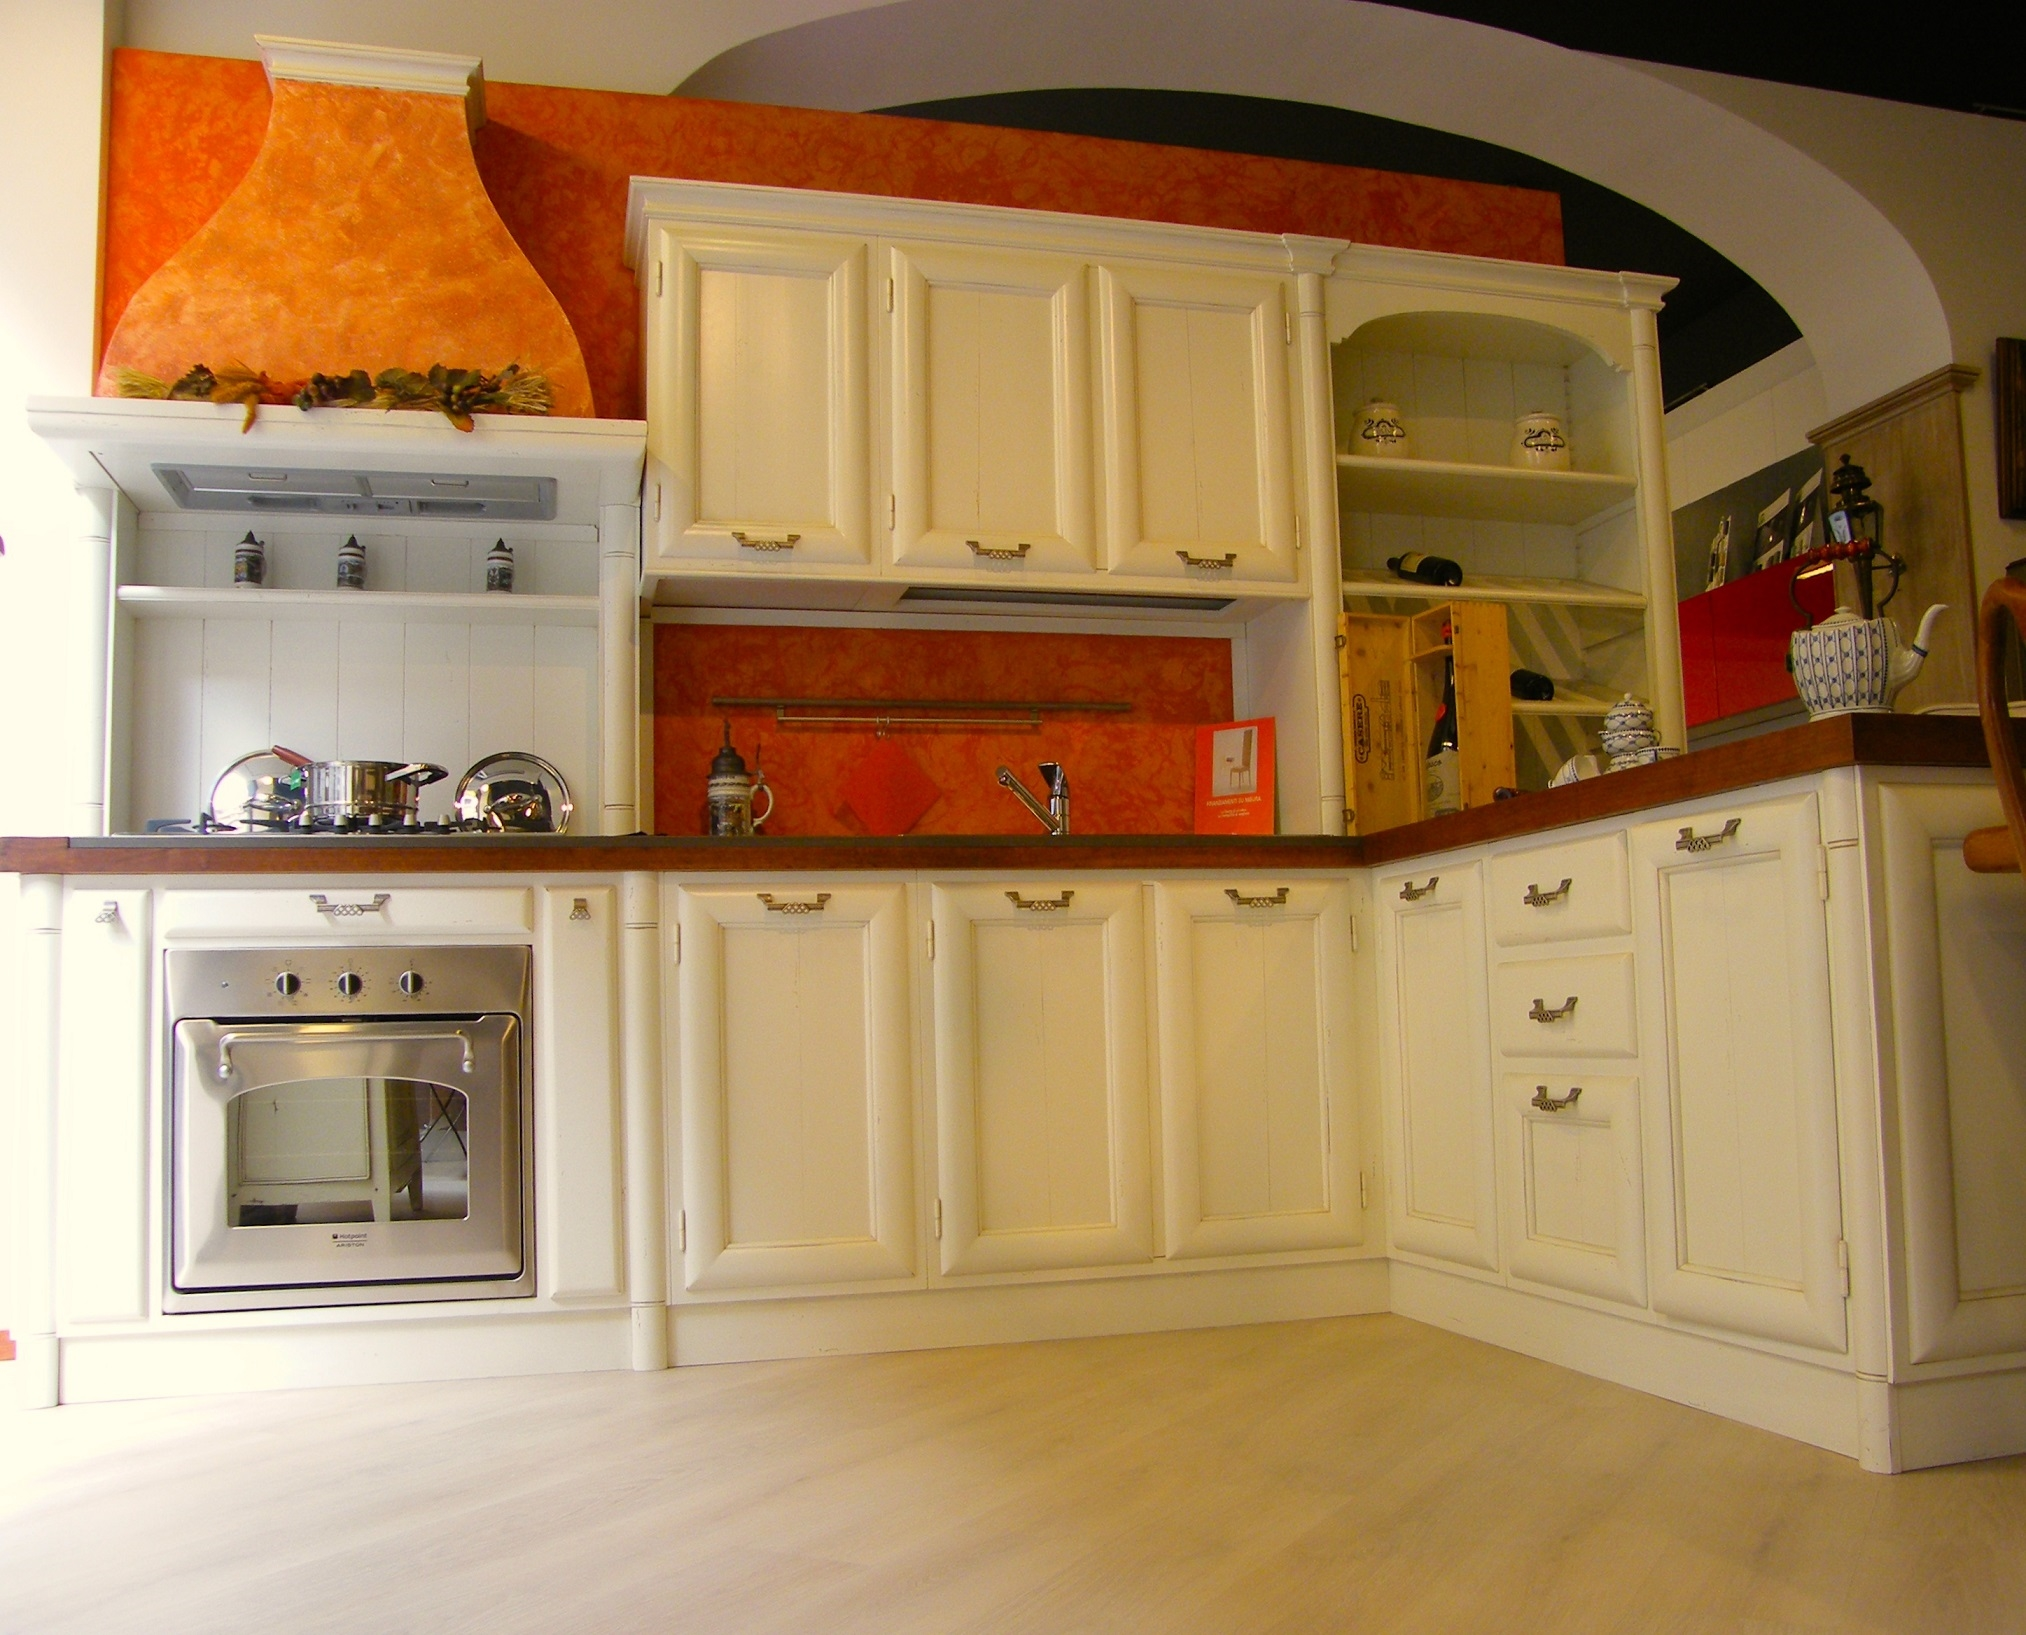 Cucina artigianale modello amelia in legno massello - Cucine artigianali in legno massello ...